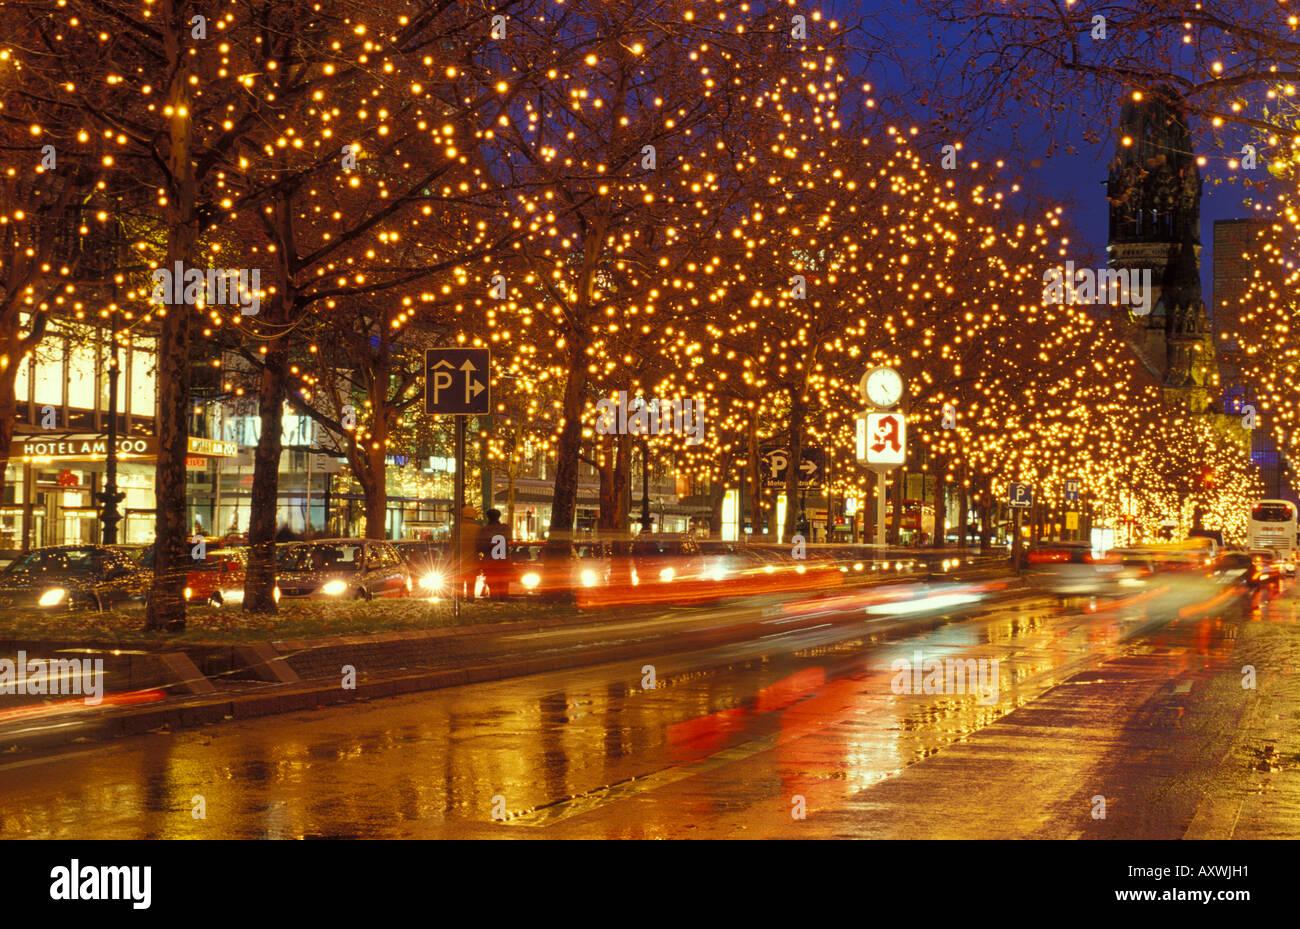 Weihnachtsbeleuchtung Kurfürstendamm.Berlin Kaiser Wilhelm Gedächtnis Kirche And Kurfuerstendamm At